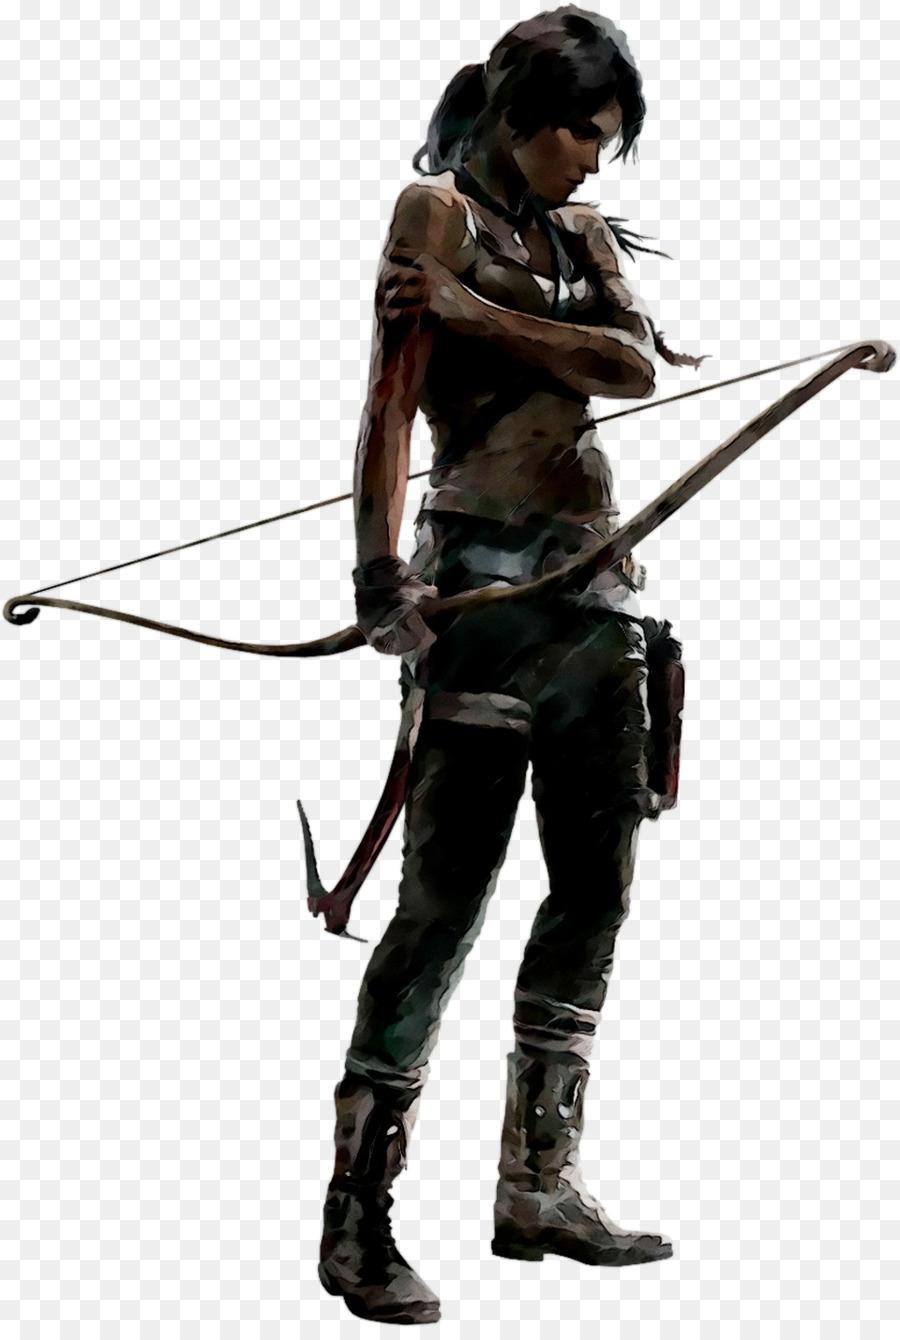 Descarga gratuita de Lara Croft Y El Guardián De La Luz, Lara Croft Y El Templo De Osiris, Tomb Raider Anniversary Imágen de Png